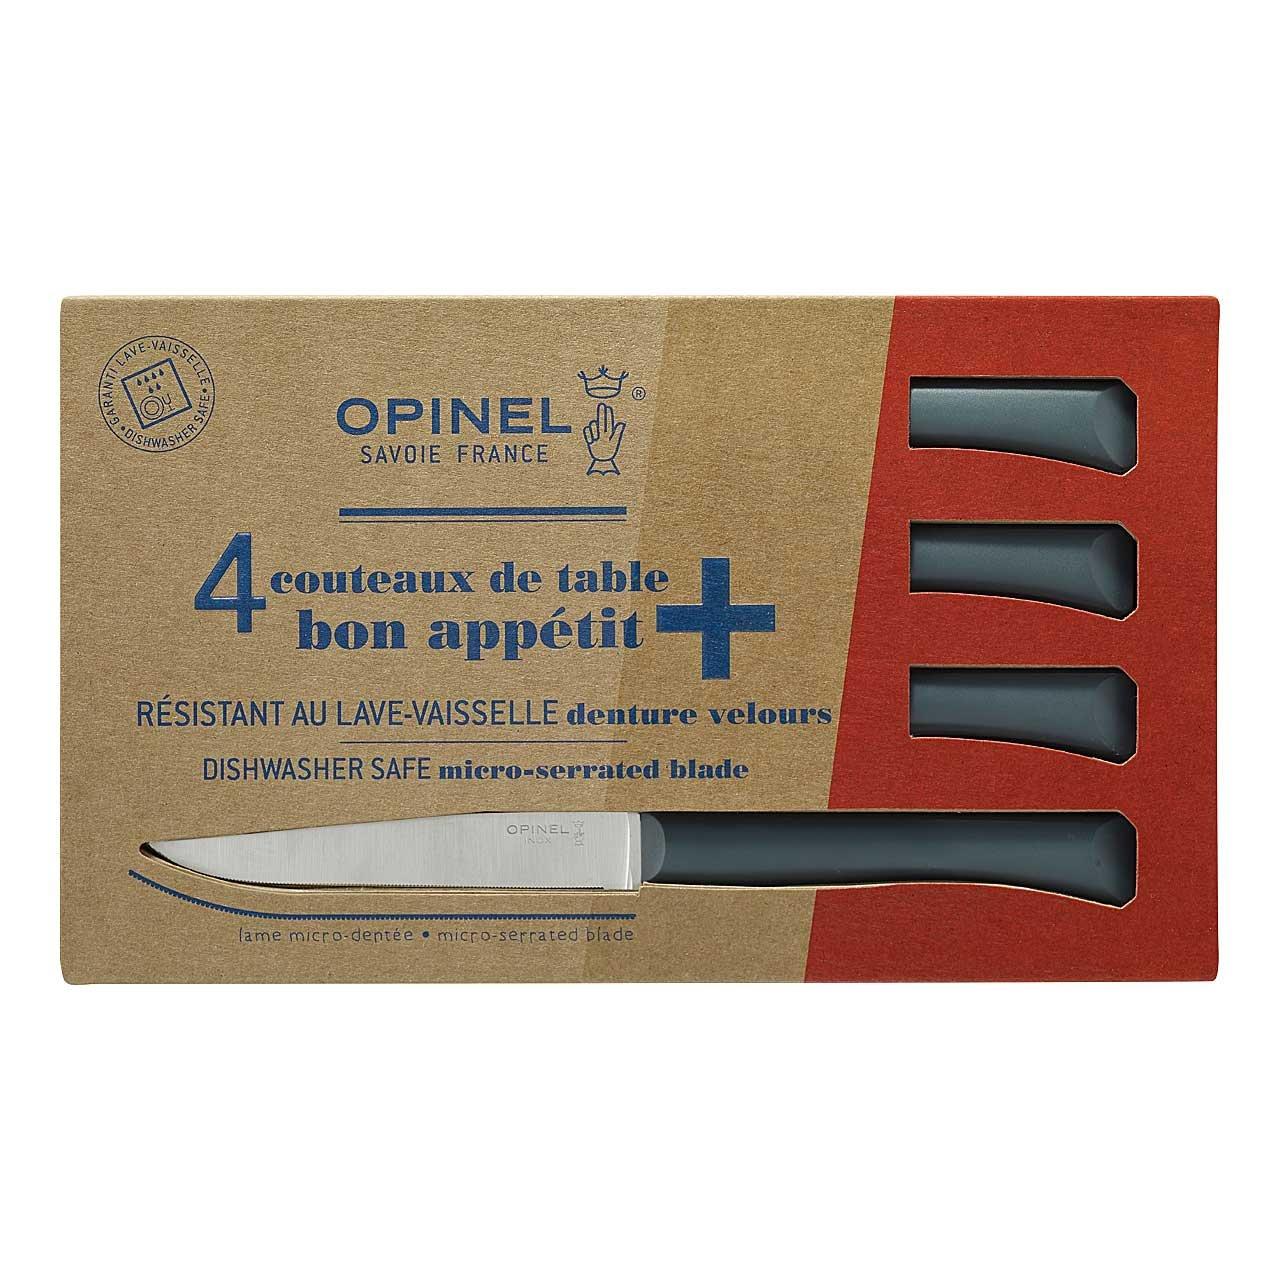 Tafelmesser Bon Appetit+, anthrazit, 4er Set